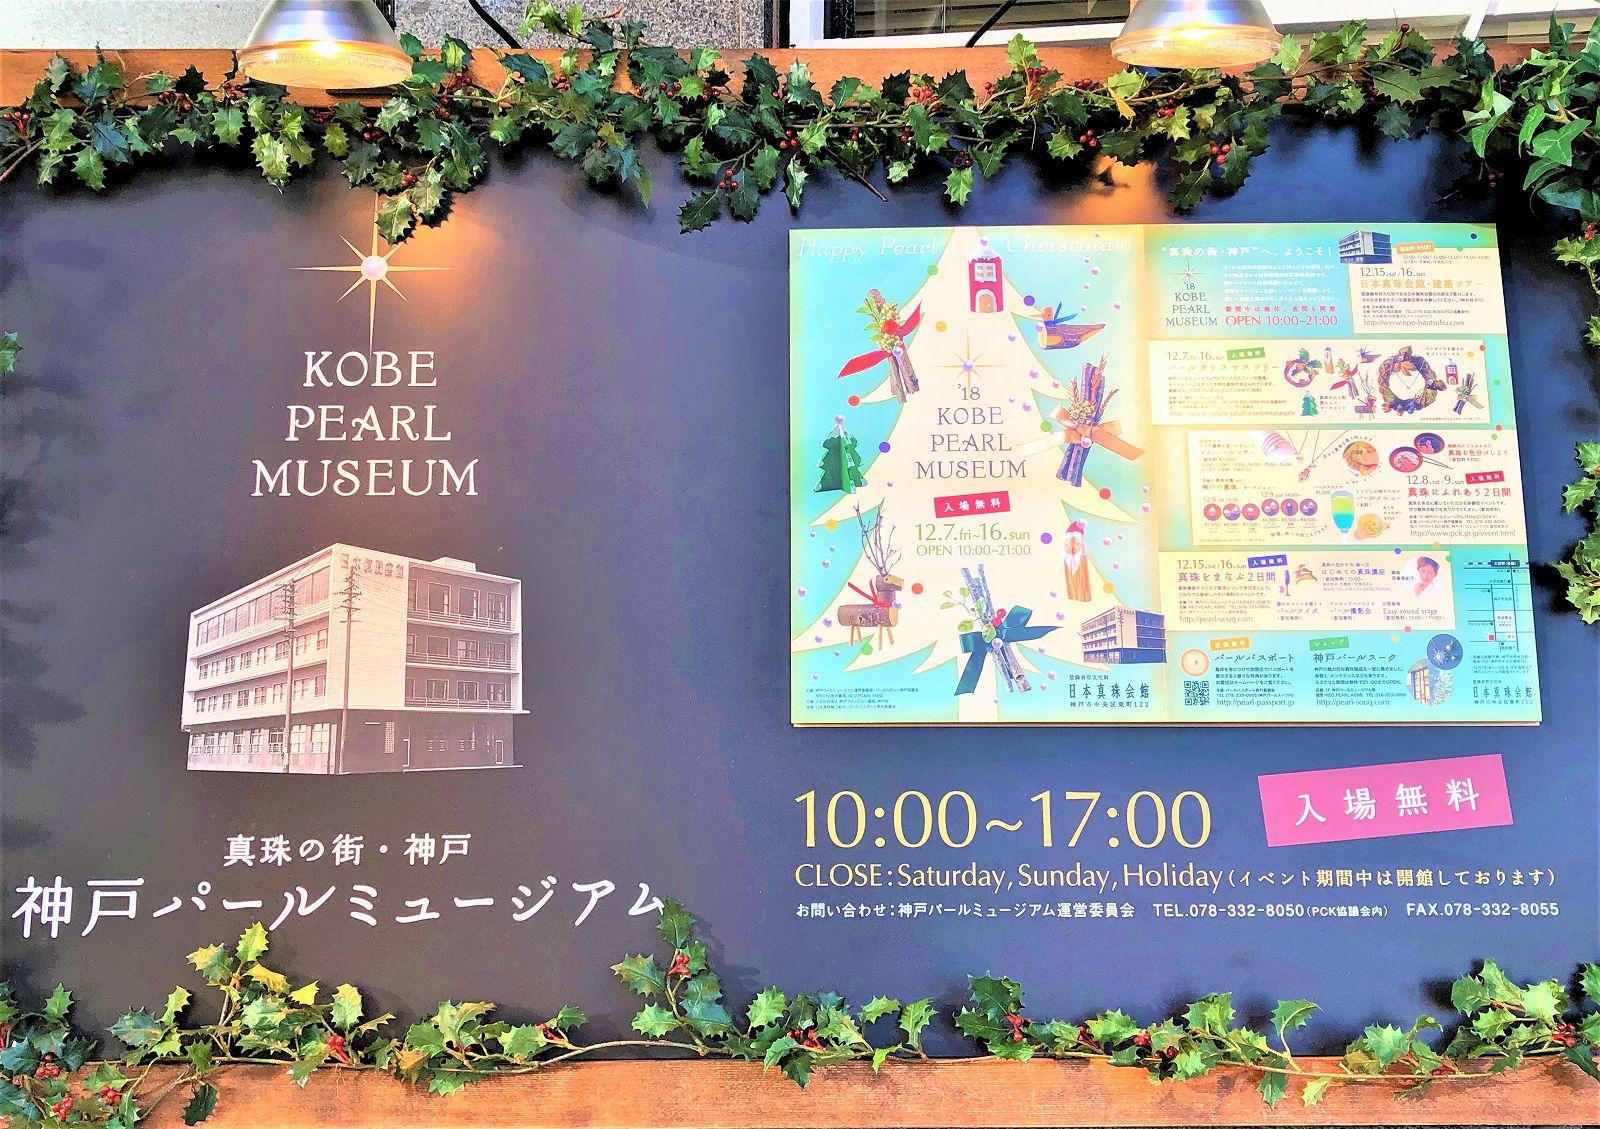 【※写真追加!】「真珠の街・神戸」を堪能できるイベント「'18 KOBE PEARL MUSEUM」 神戸ルミナリエ期間に開催! #神戸パールミュージアム #神戸ルミナリエ #神戸観光 #真珠 #日本真珠会館 #近代建築